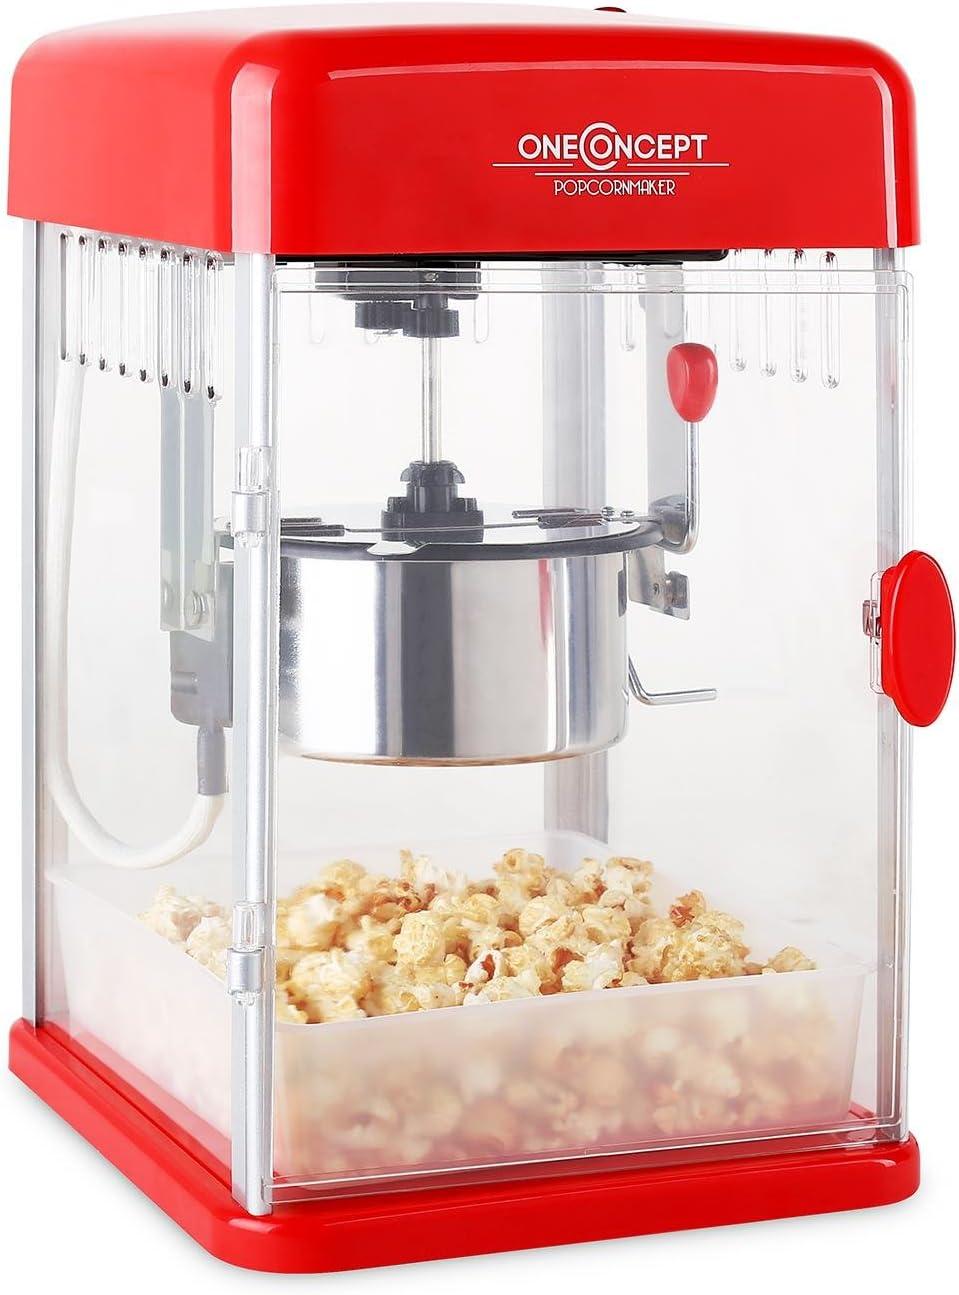 Klarstein Rockkorn - máquina de palomitas de maíz, retro, palomitero, 350 W, extraíble, iluminación interior, aprox. 60 l/h, puerta con cerradura magnética, cuchara dosificadora, Rojo: Amazon.es: Hogar